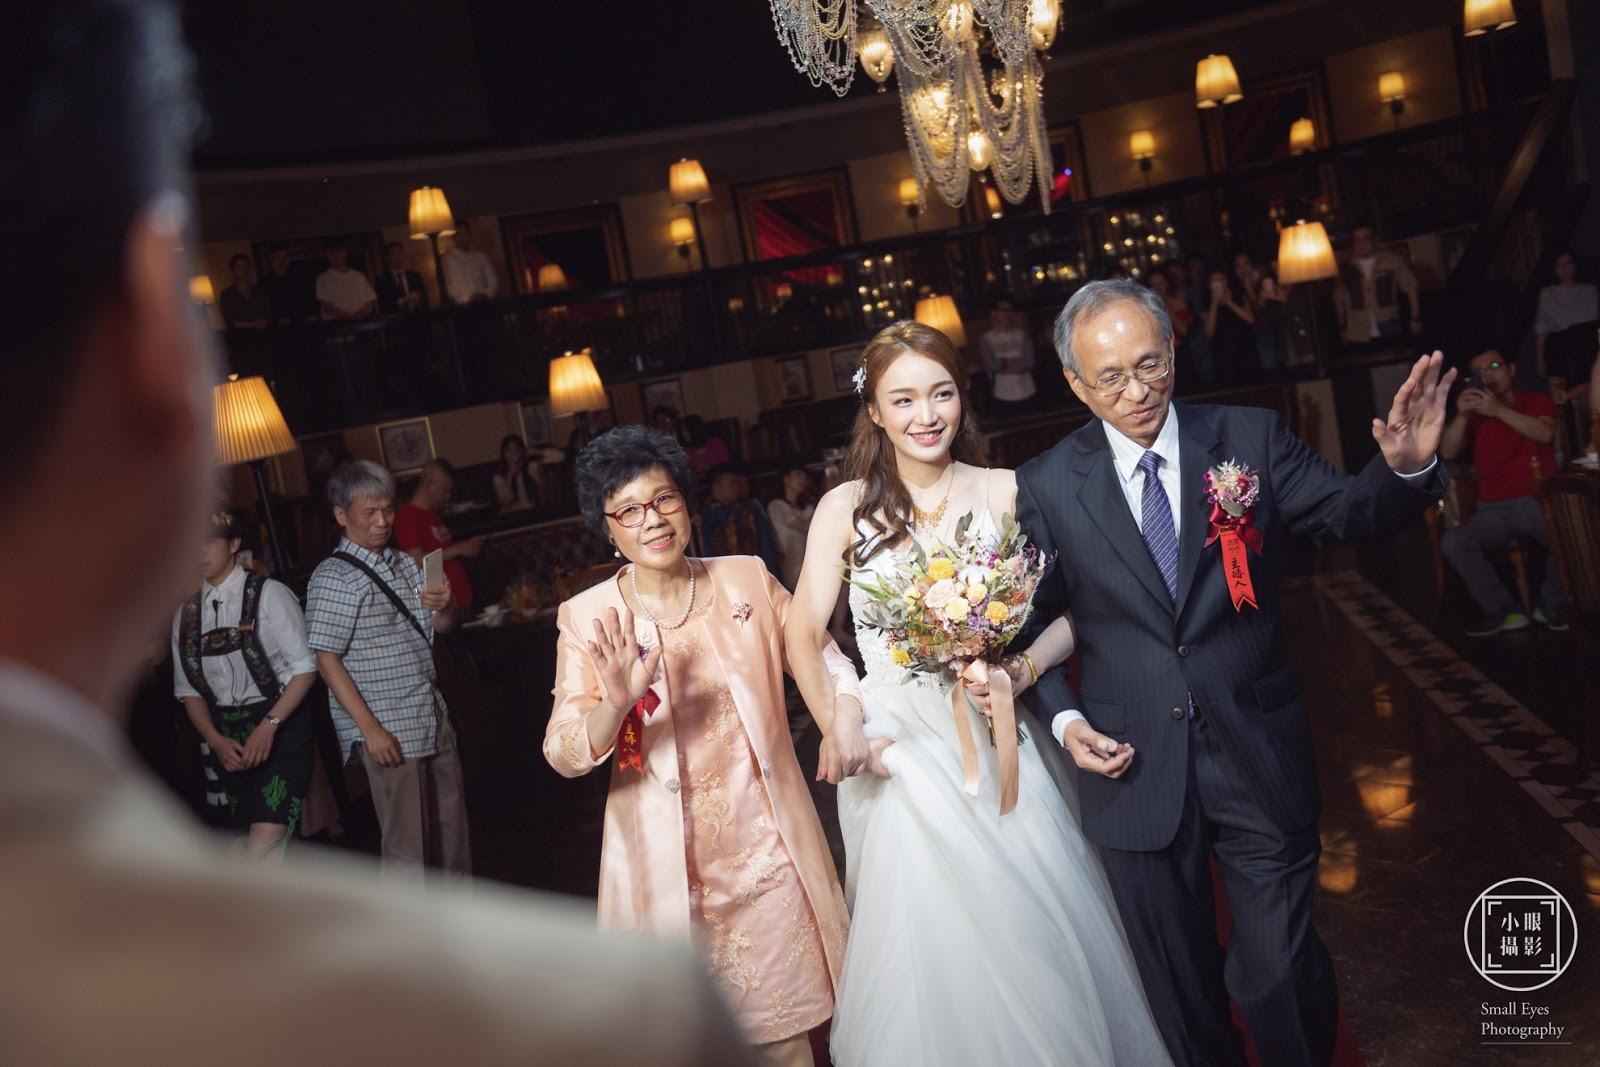 婚攝,小眼攝影,婚禮紀實,婚禮紀錄,婚紗,國內婚紗,海外婚紗,寫真,婚攝小眼,台北,自主婚紗,自助婚紗,囍月場所,林月,小月,大直,美麗華,金色三麥